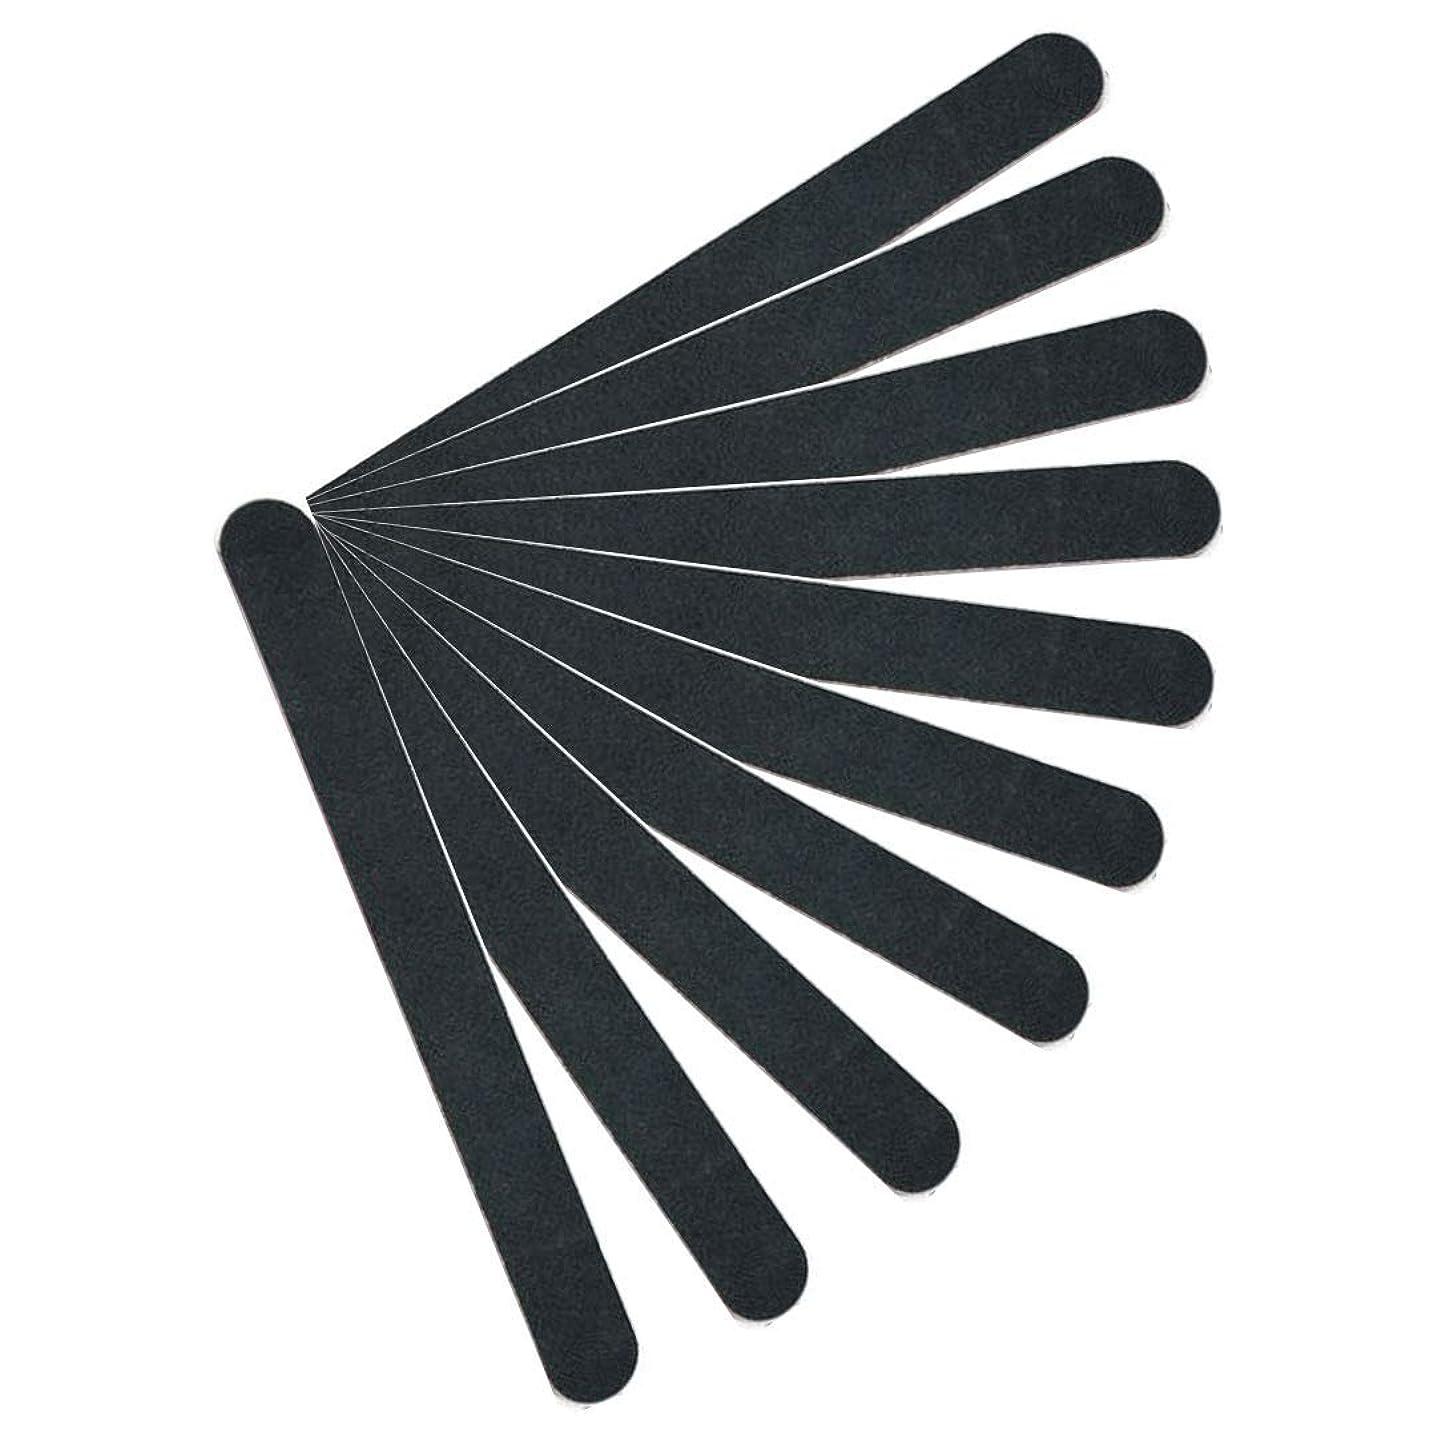 おもしろい対角線大佐【kimari】(10本セット)kmr-001ブラックネイルファイル エメリーボード 100/180グリット 爪けずり ネイルやすり